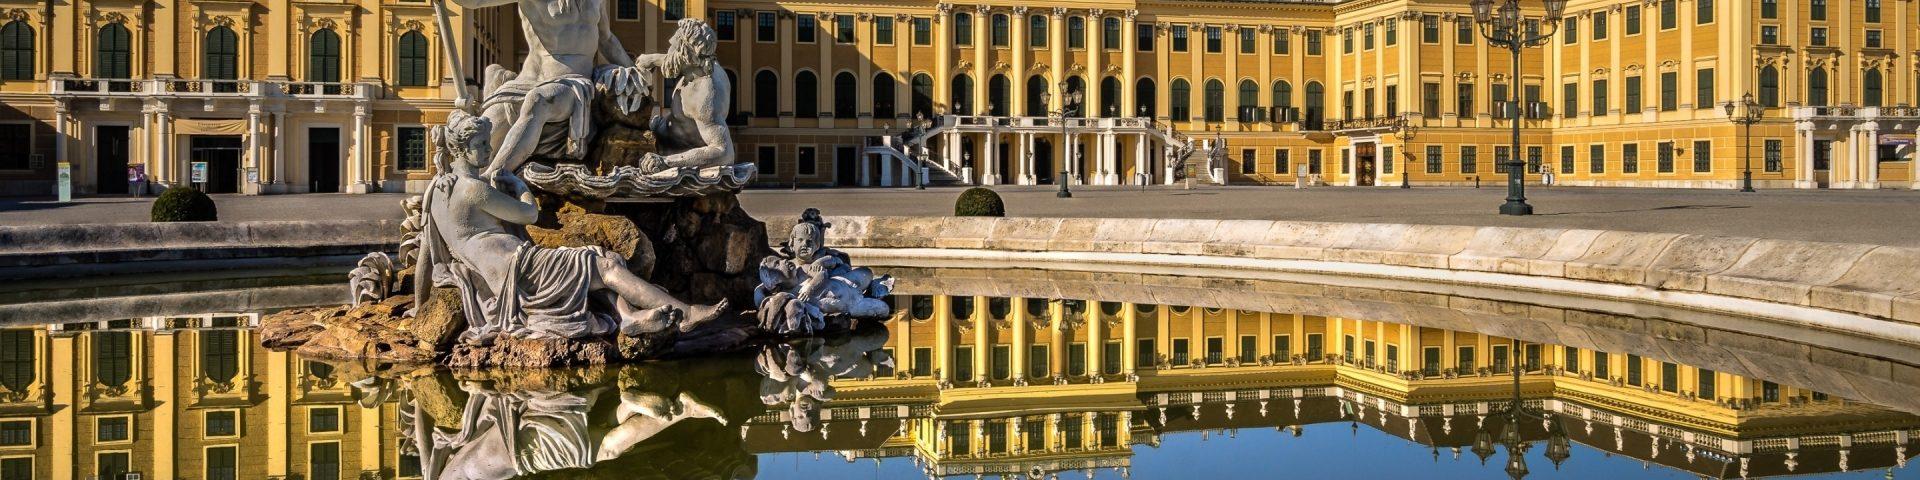 Достопримечательности Вены дворец Schonbrunn